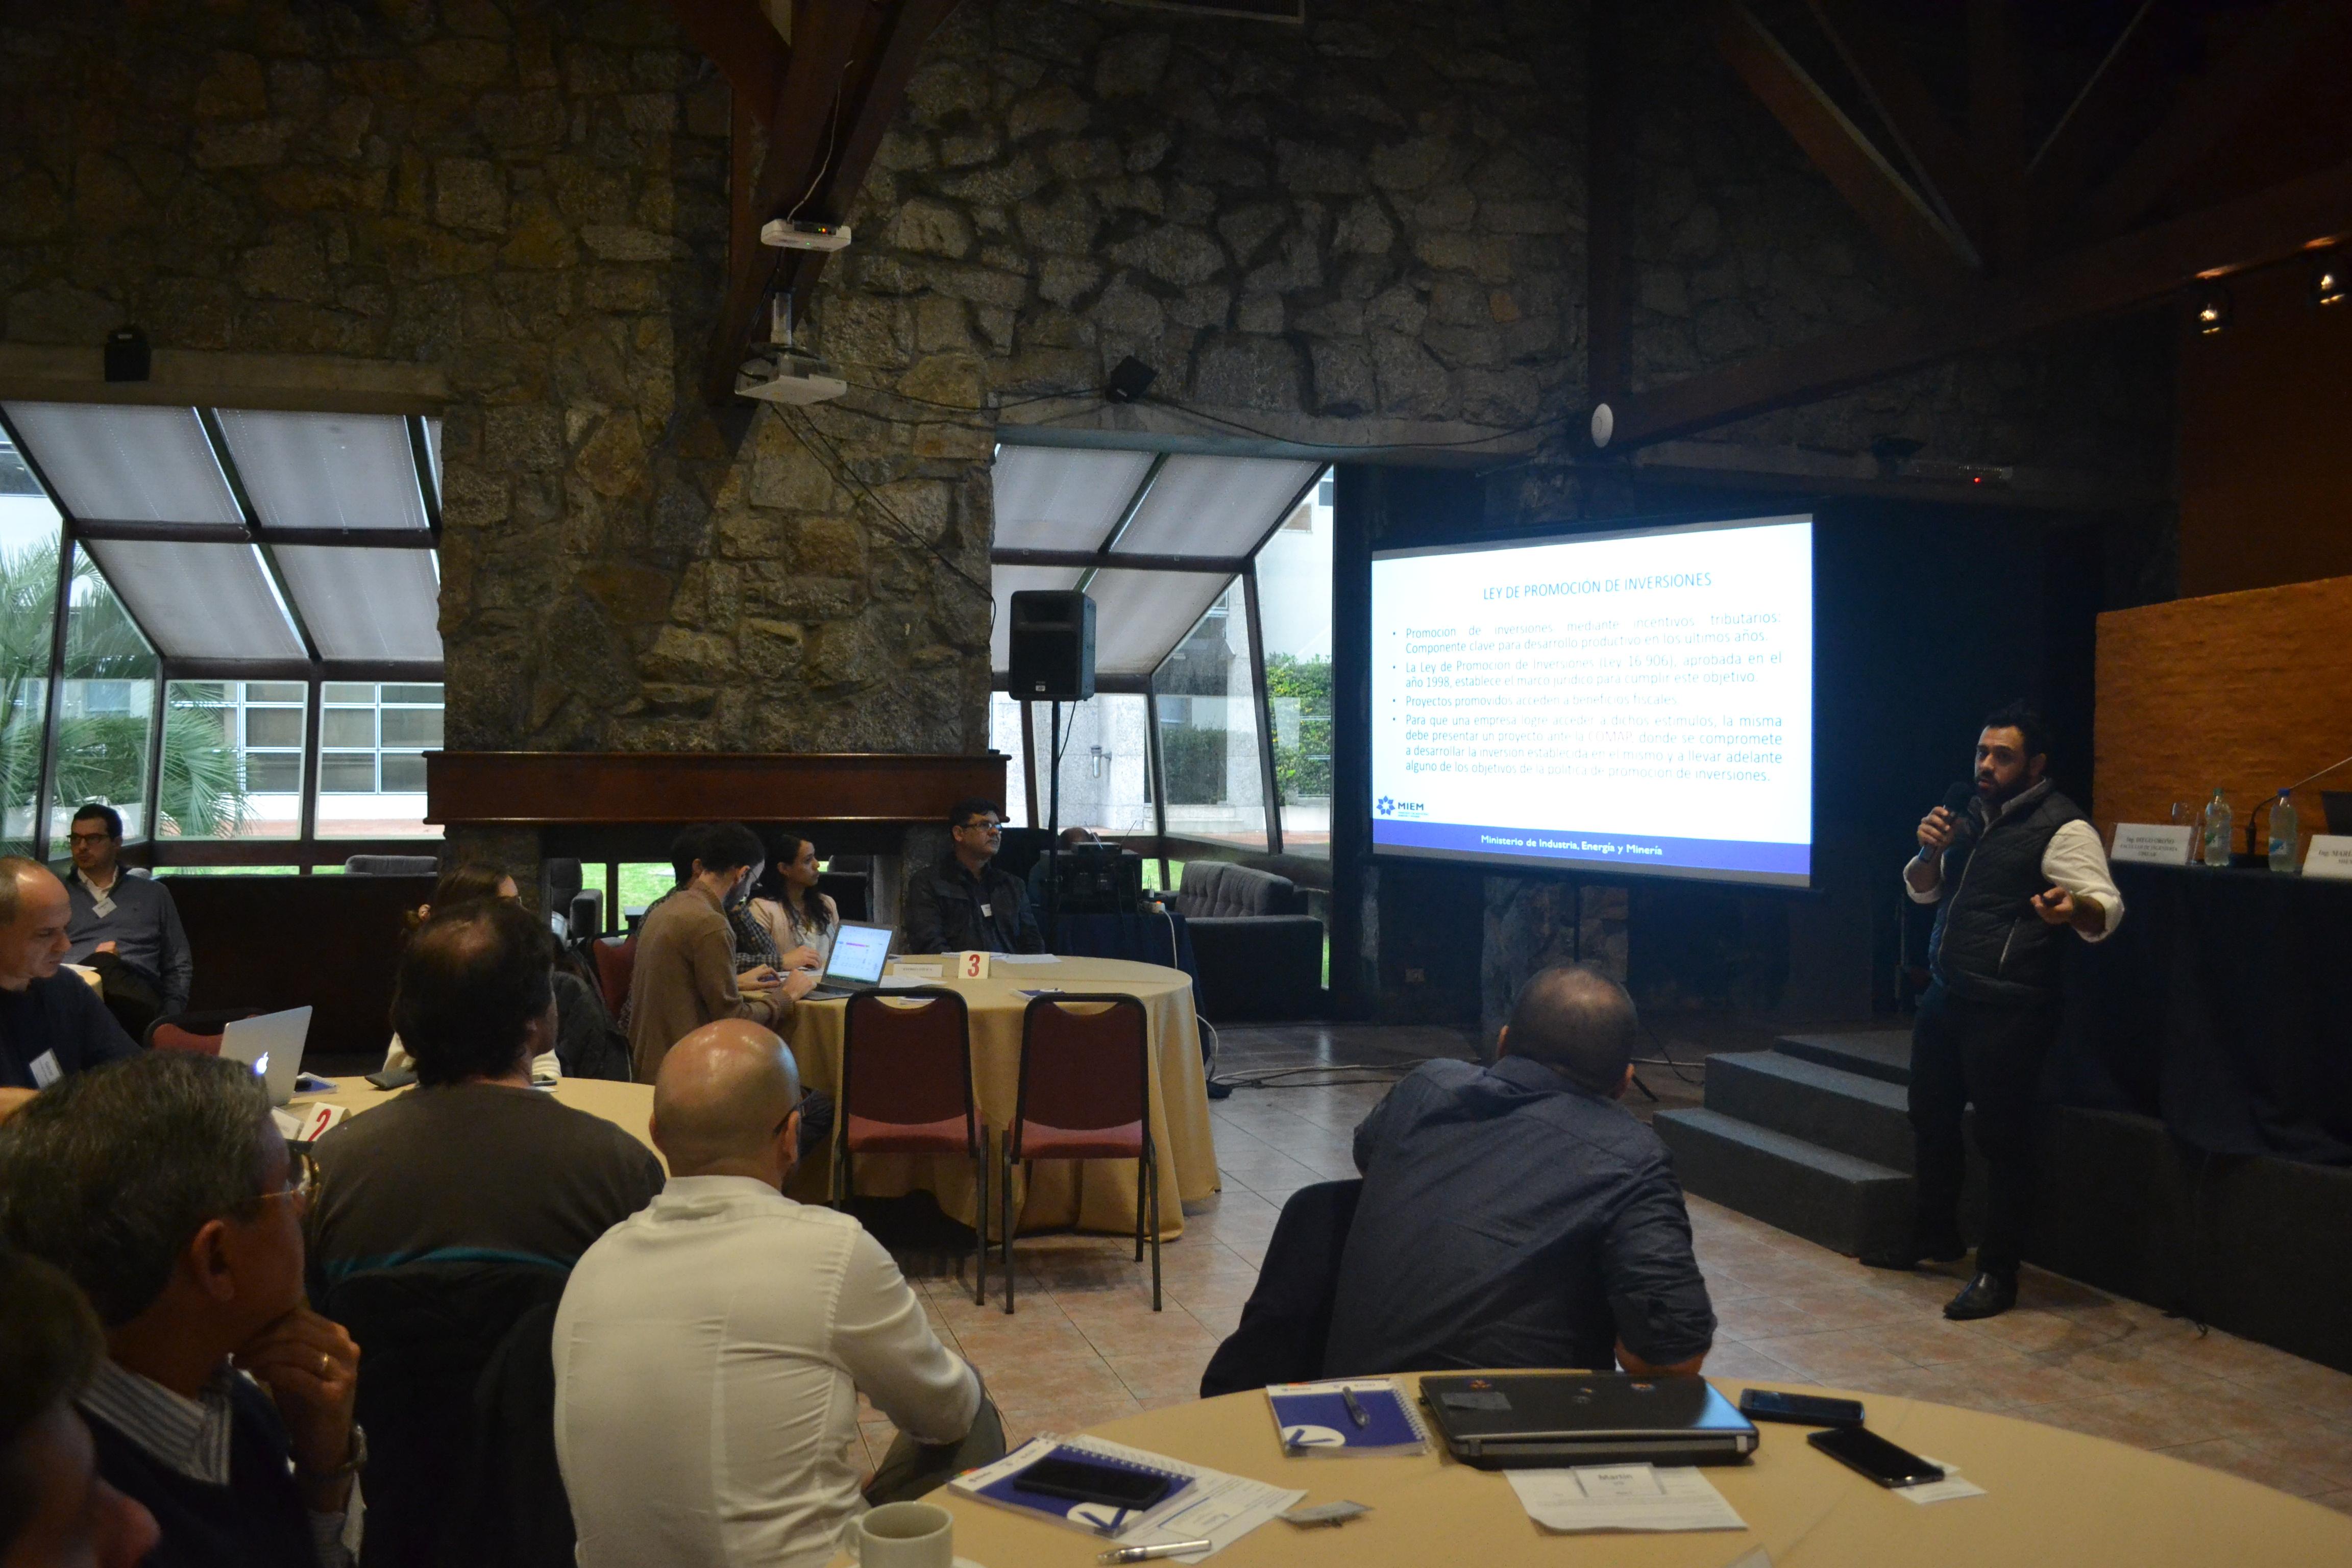 Seminario-Taller Energías Renovables: Capacidades I+D y oportunidades de negocios (29.08.19)